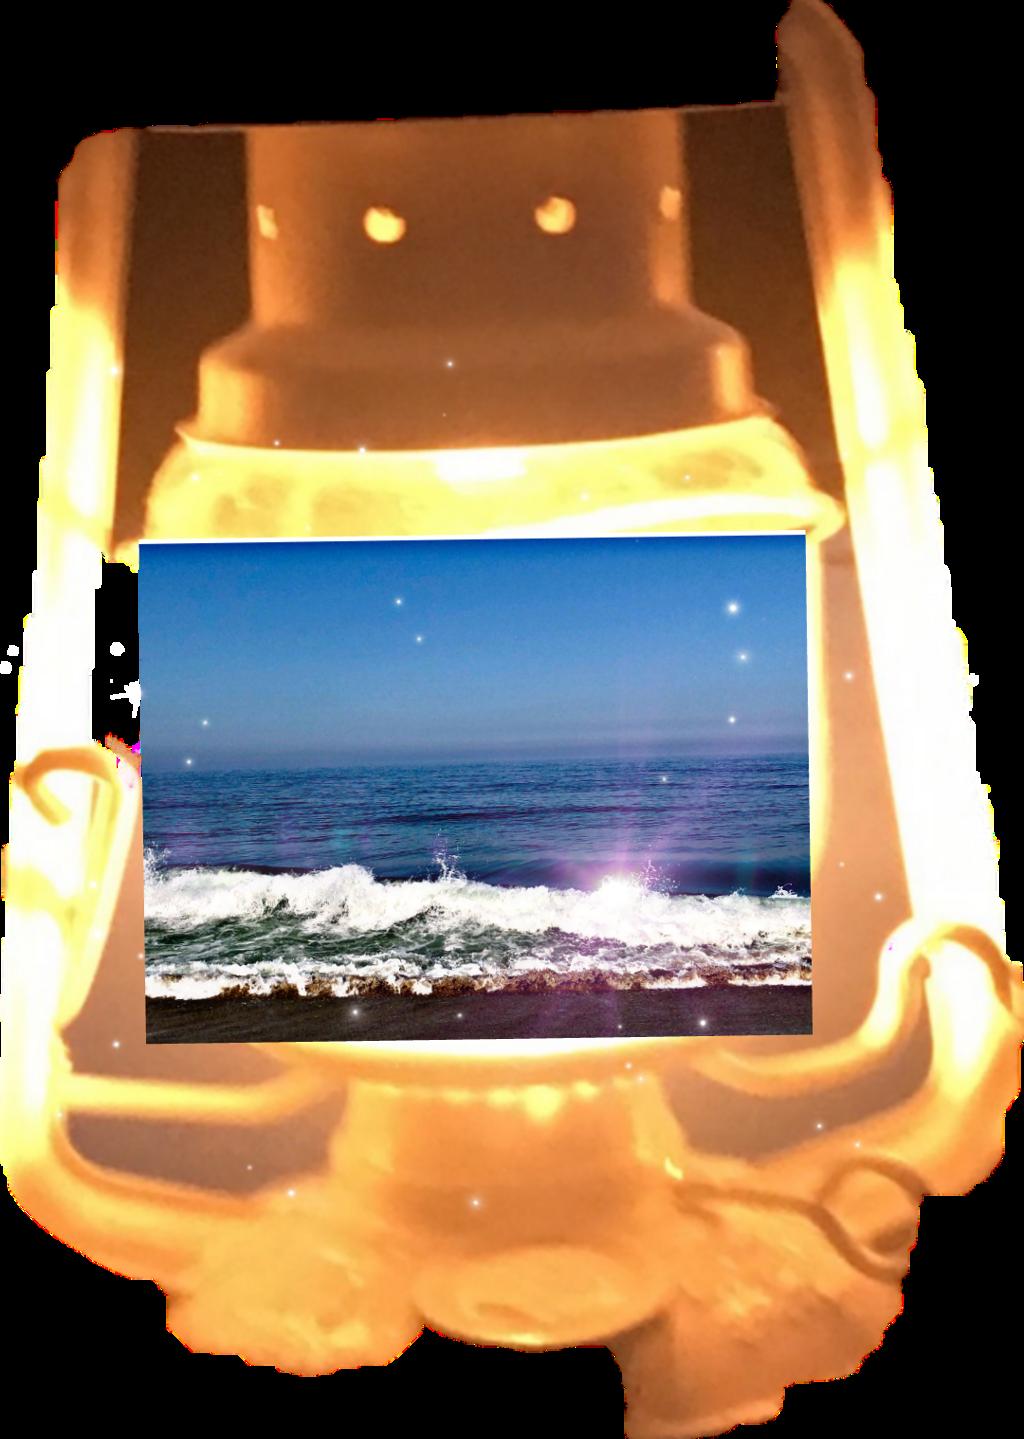 #beach in a lantern